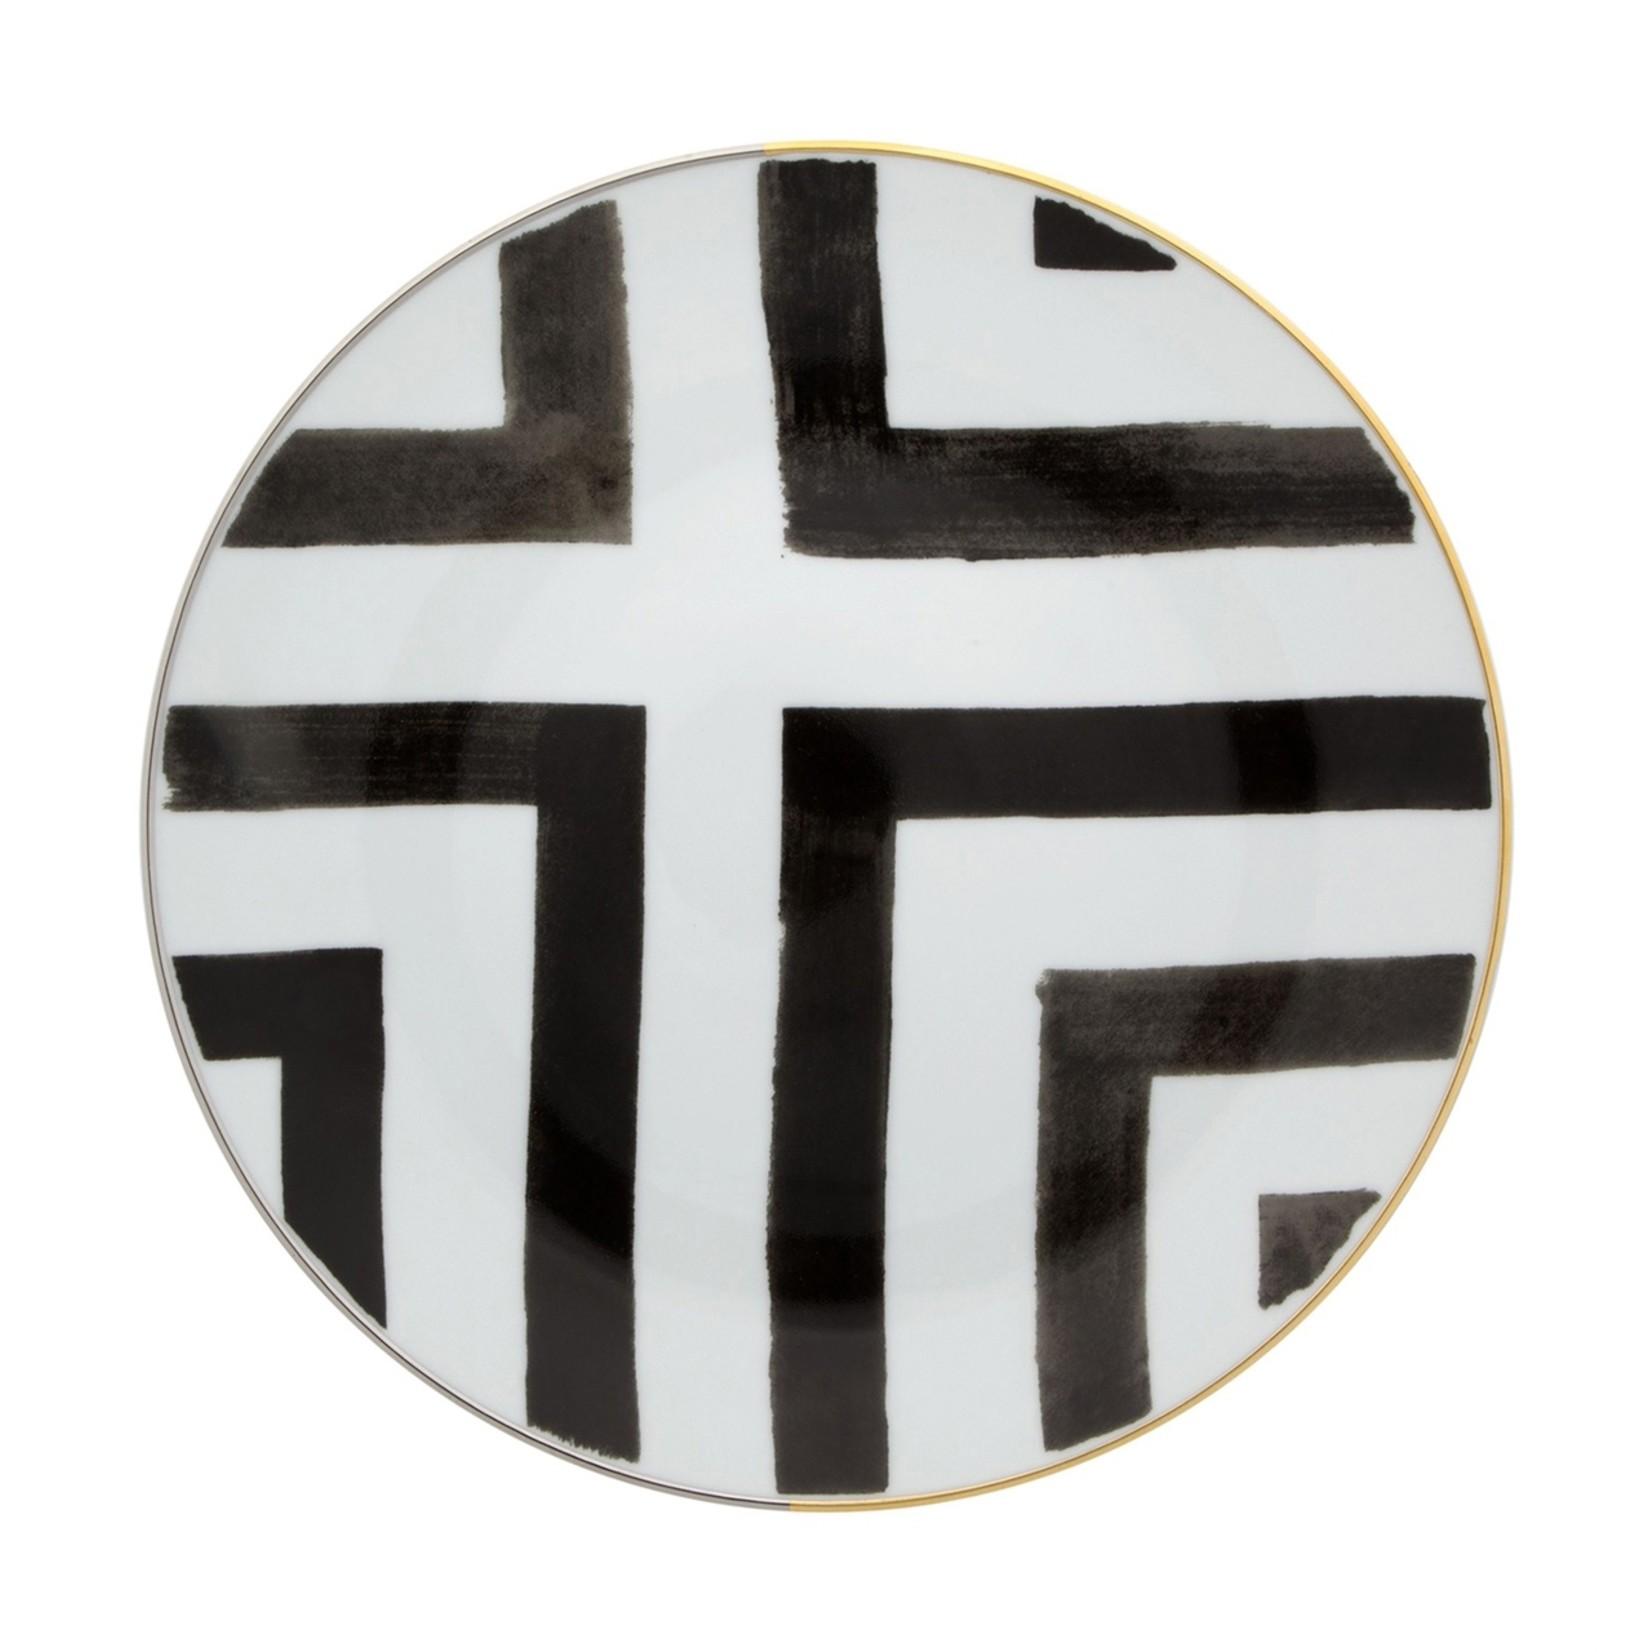 Vista Allegre Sol Y Sombra Porcelain Tableware